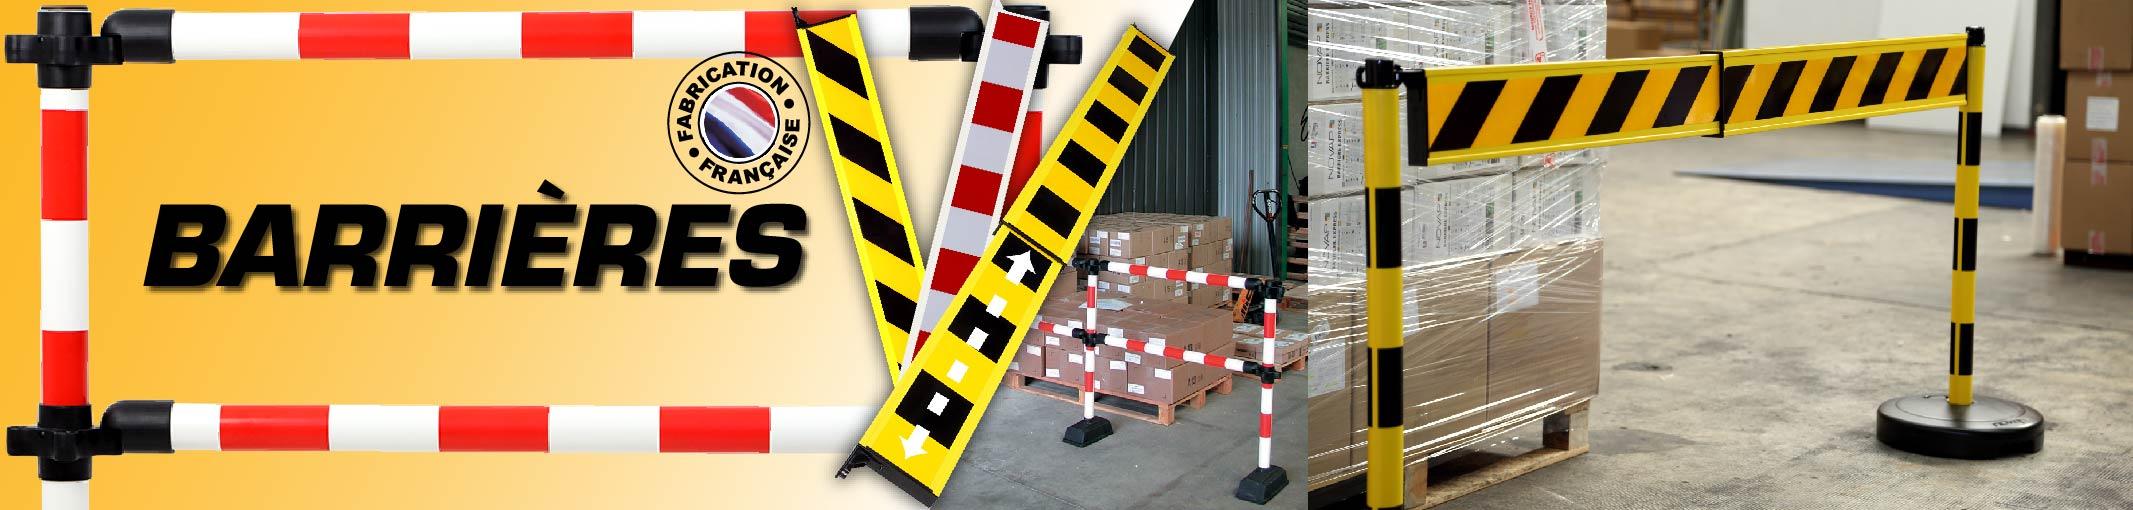 Barrières de signalisation Novap